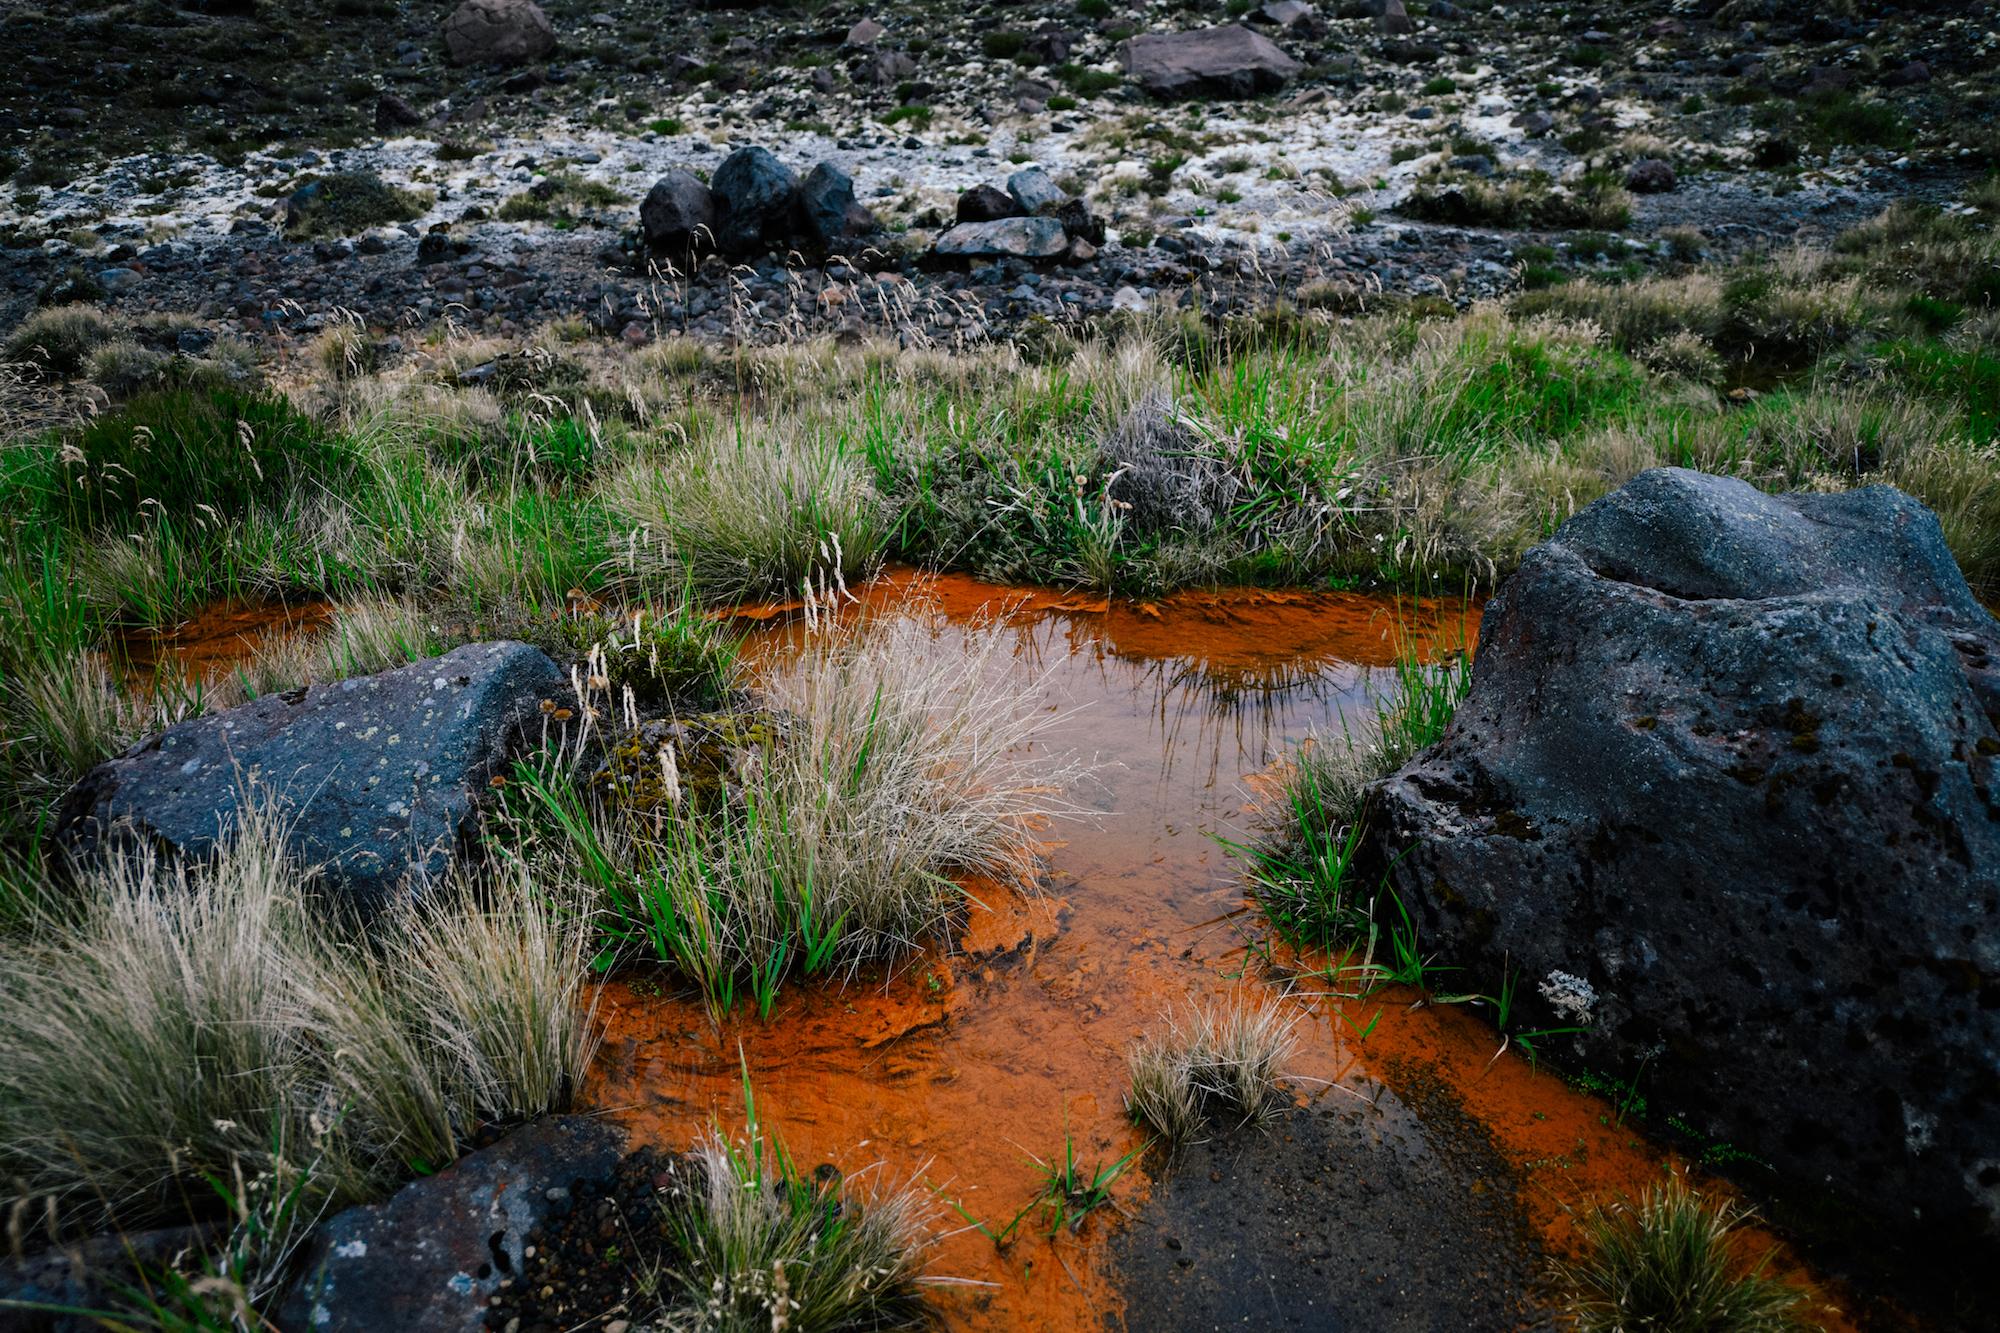 Red river in Mordor